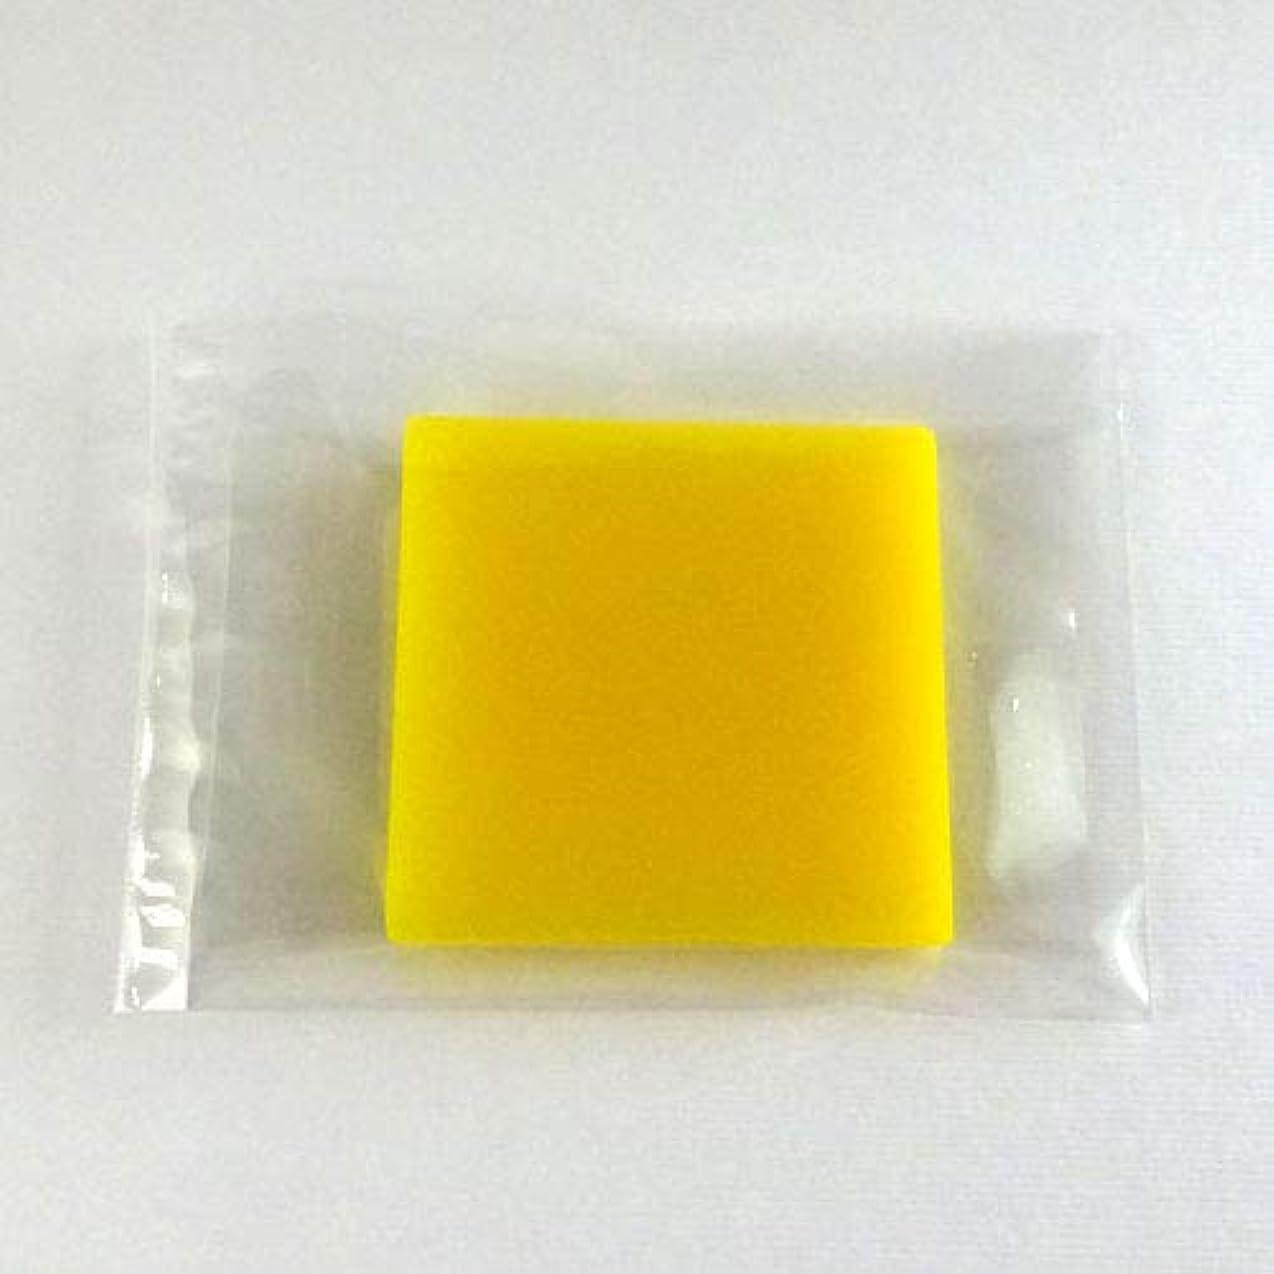 怖い残基スワップグリセリンソープ MPソープ 色チップ 黄(イエロー) 60g(30g x 2pc)